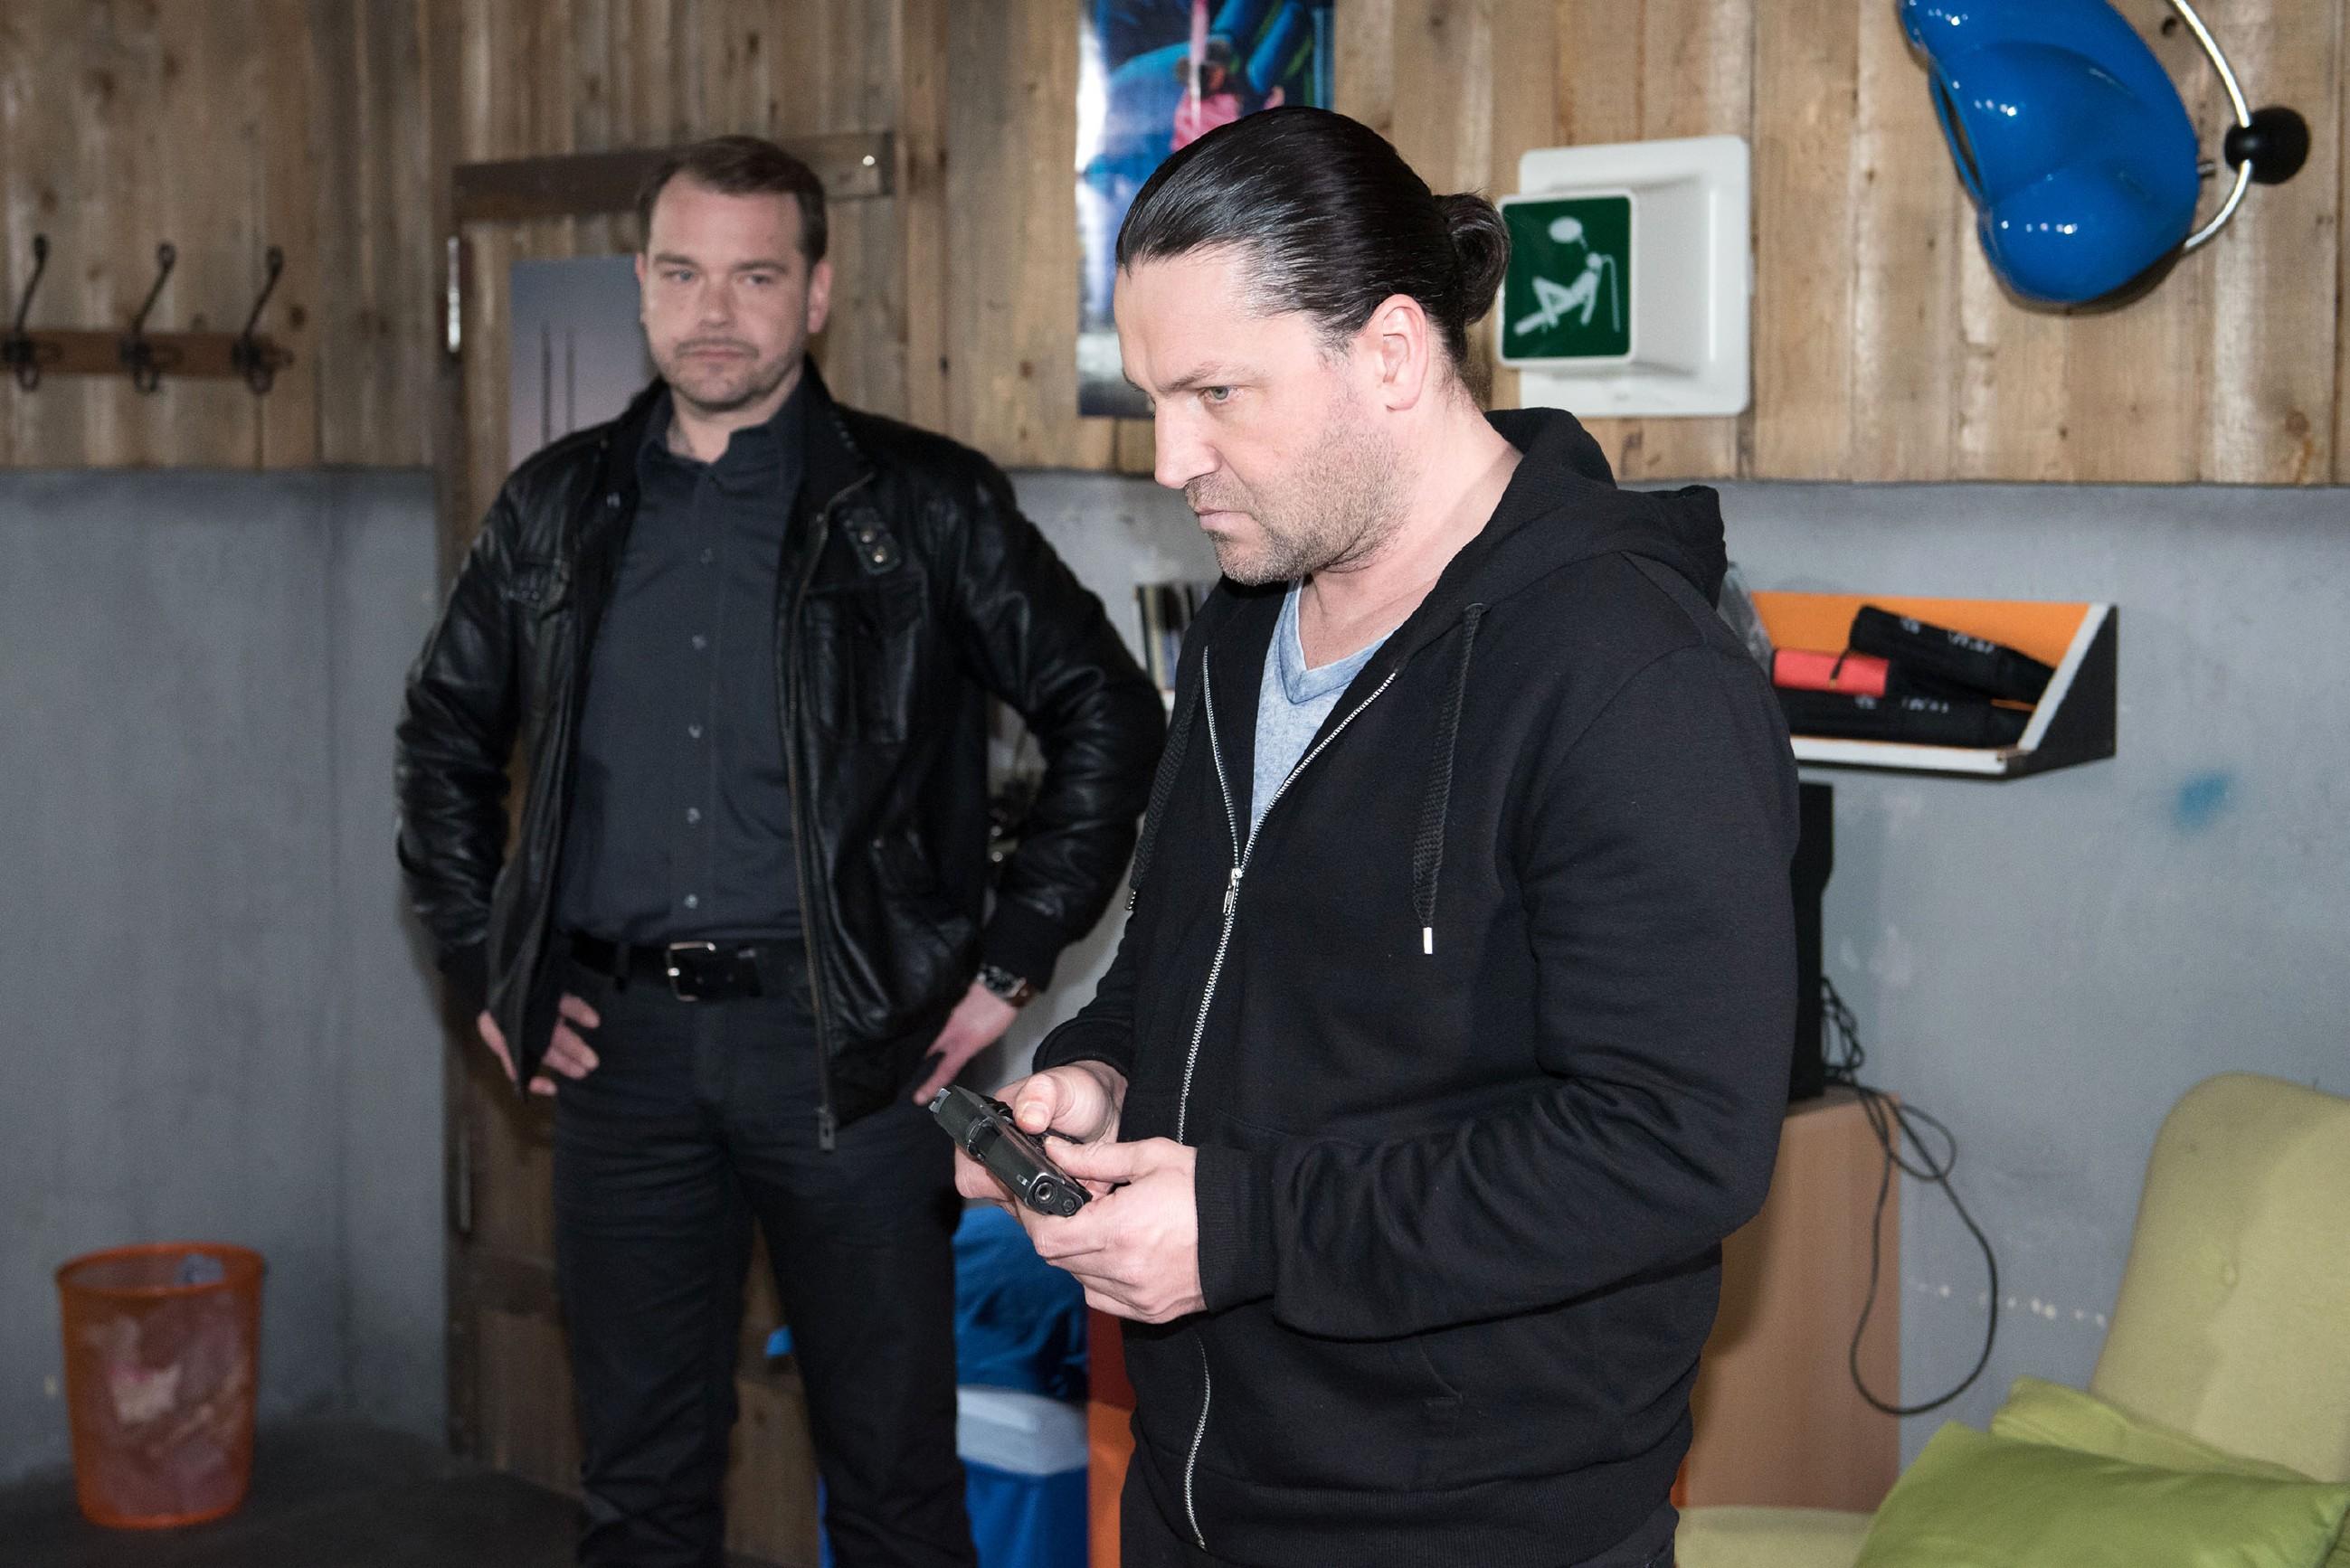 Rolf (Stefan Franz, r.) blickt dem anstehenden Überfall auf den Juwelier angespannt entgegen. (l. Komparse) (Quelle: RTL / Stefan Behrens)